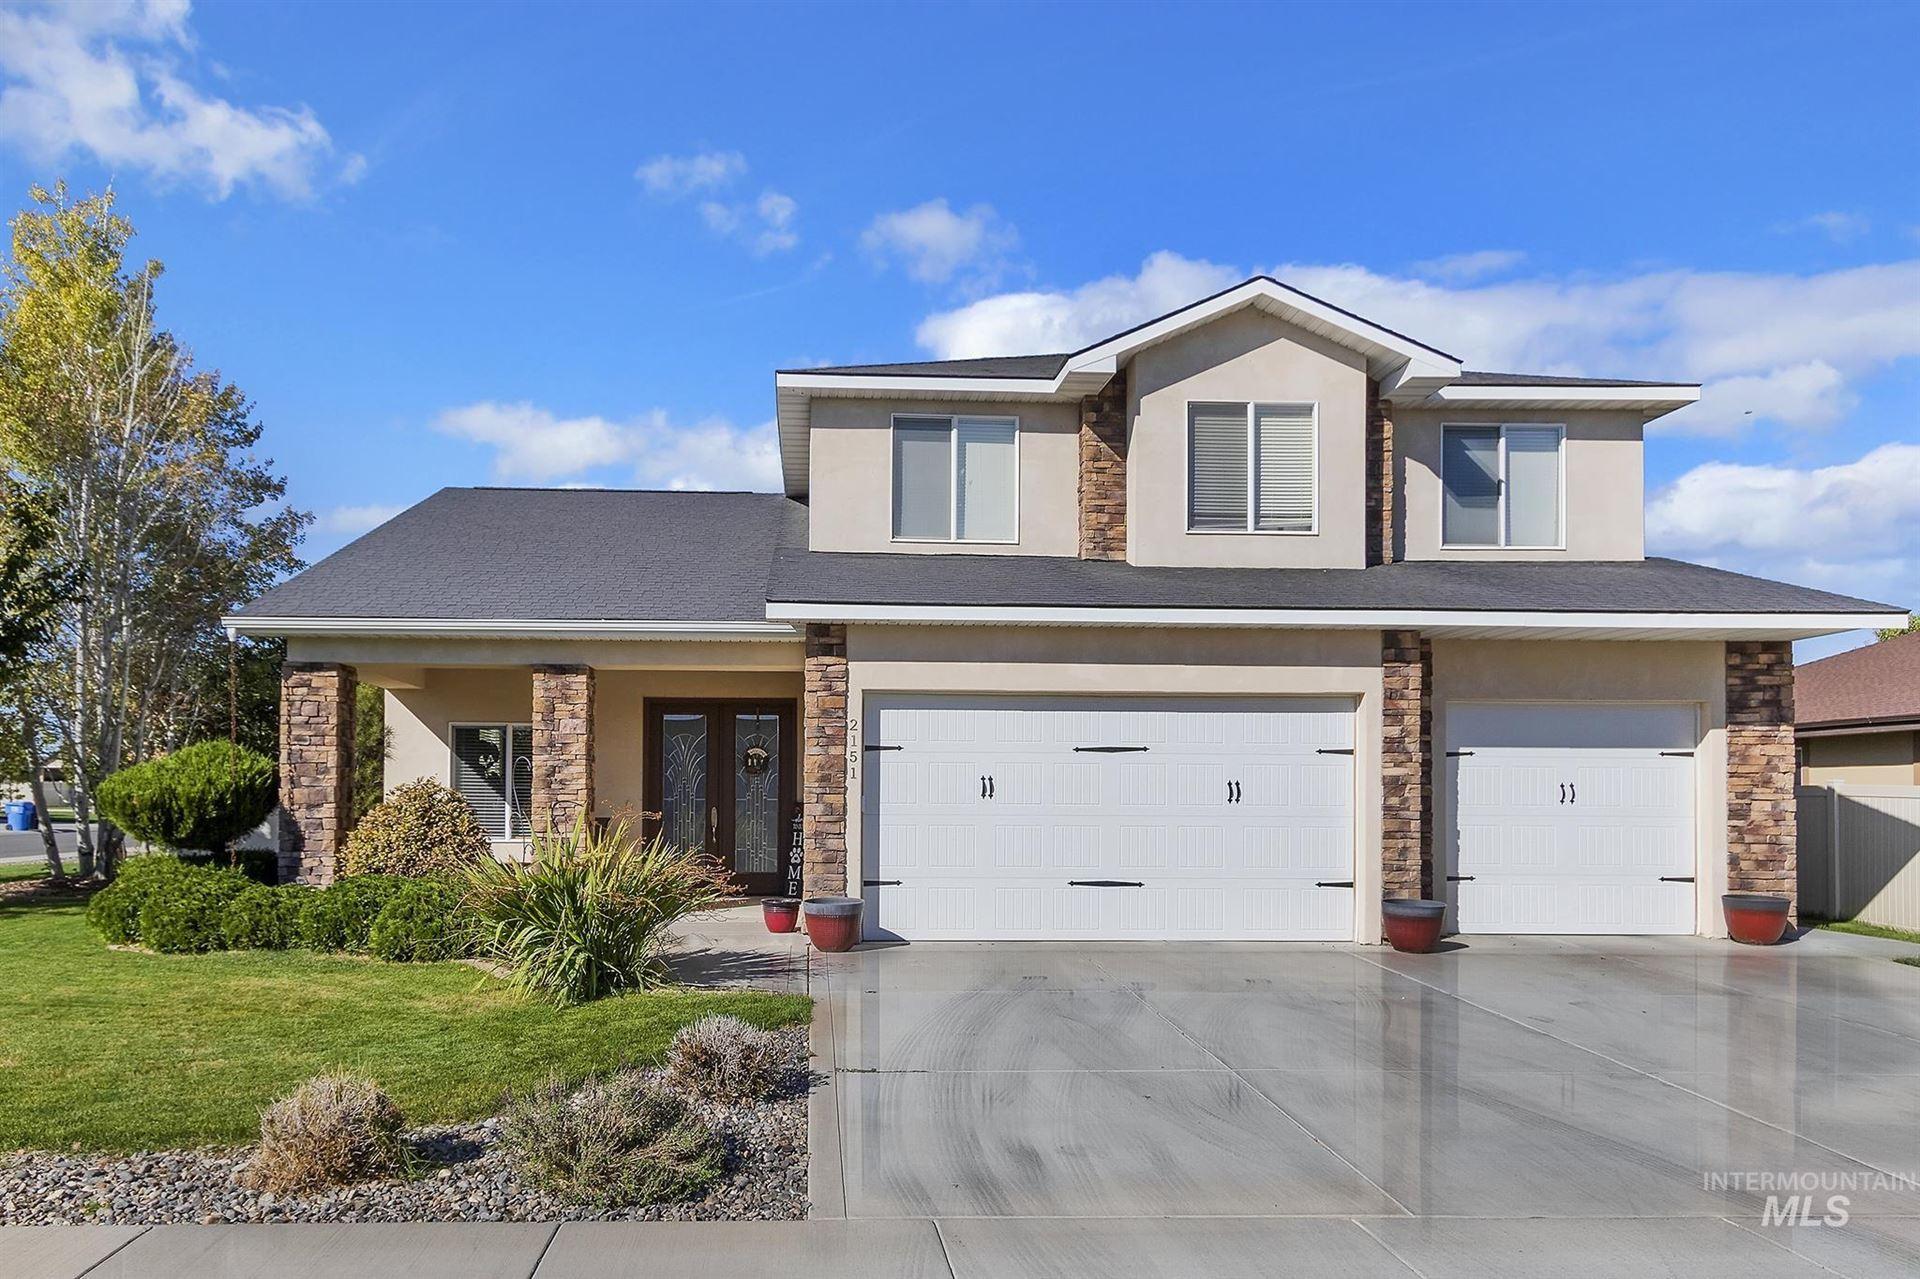 2151 Selway St., Twin Falls, ID 83301 - MLS#: 98821004